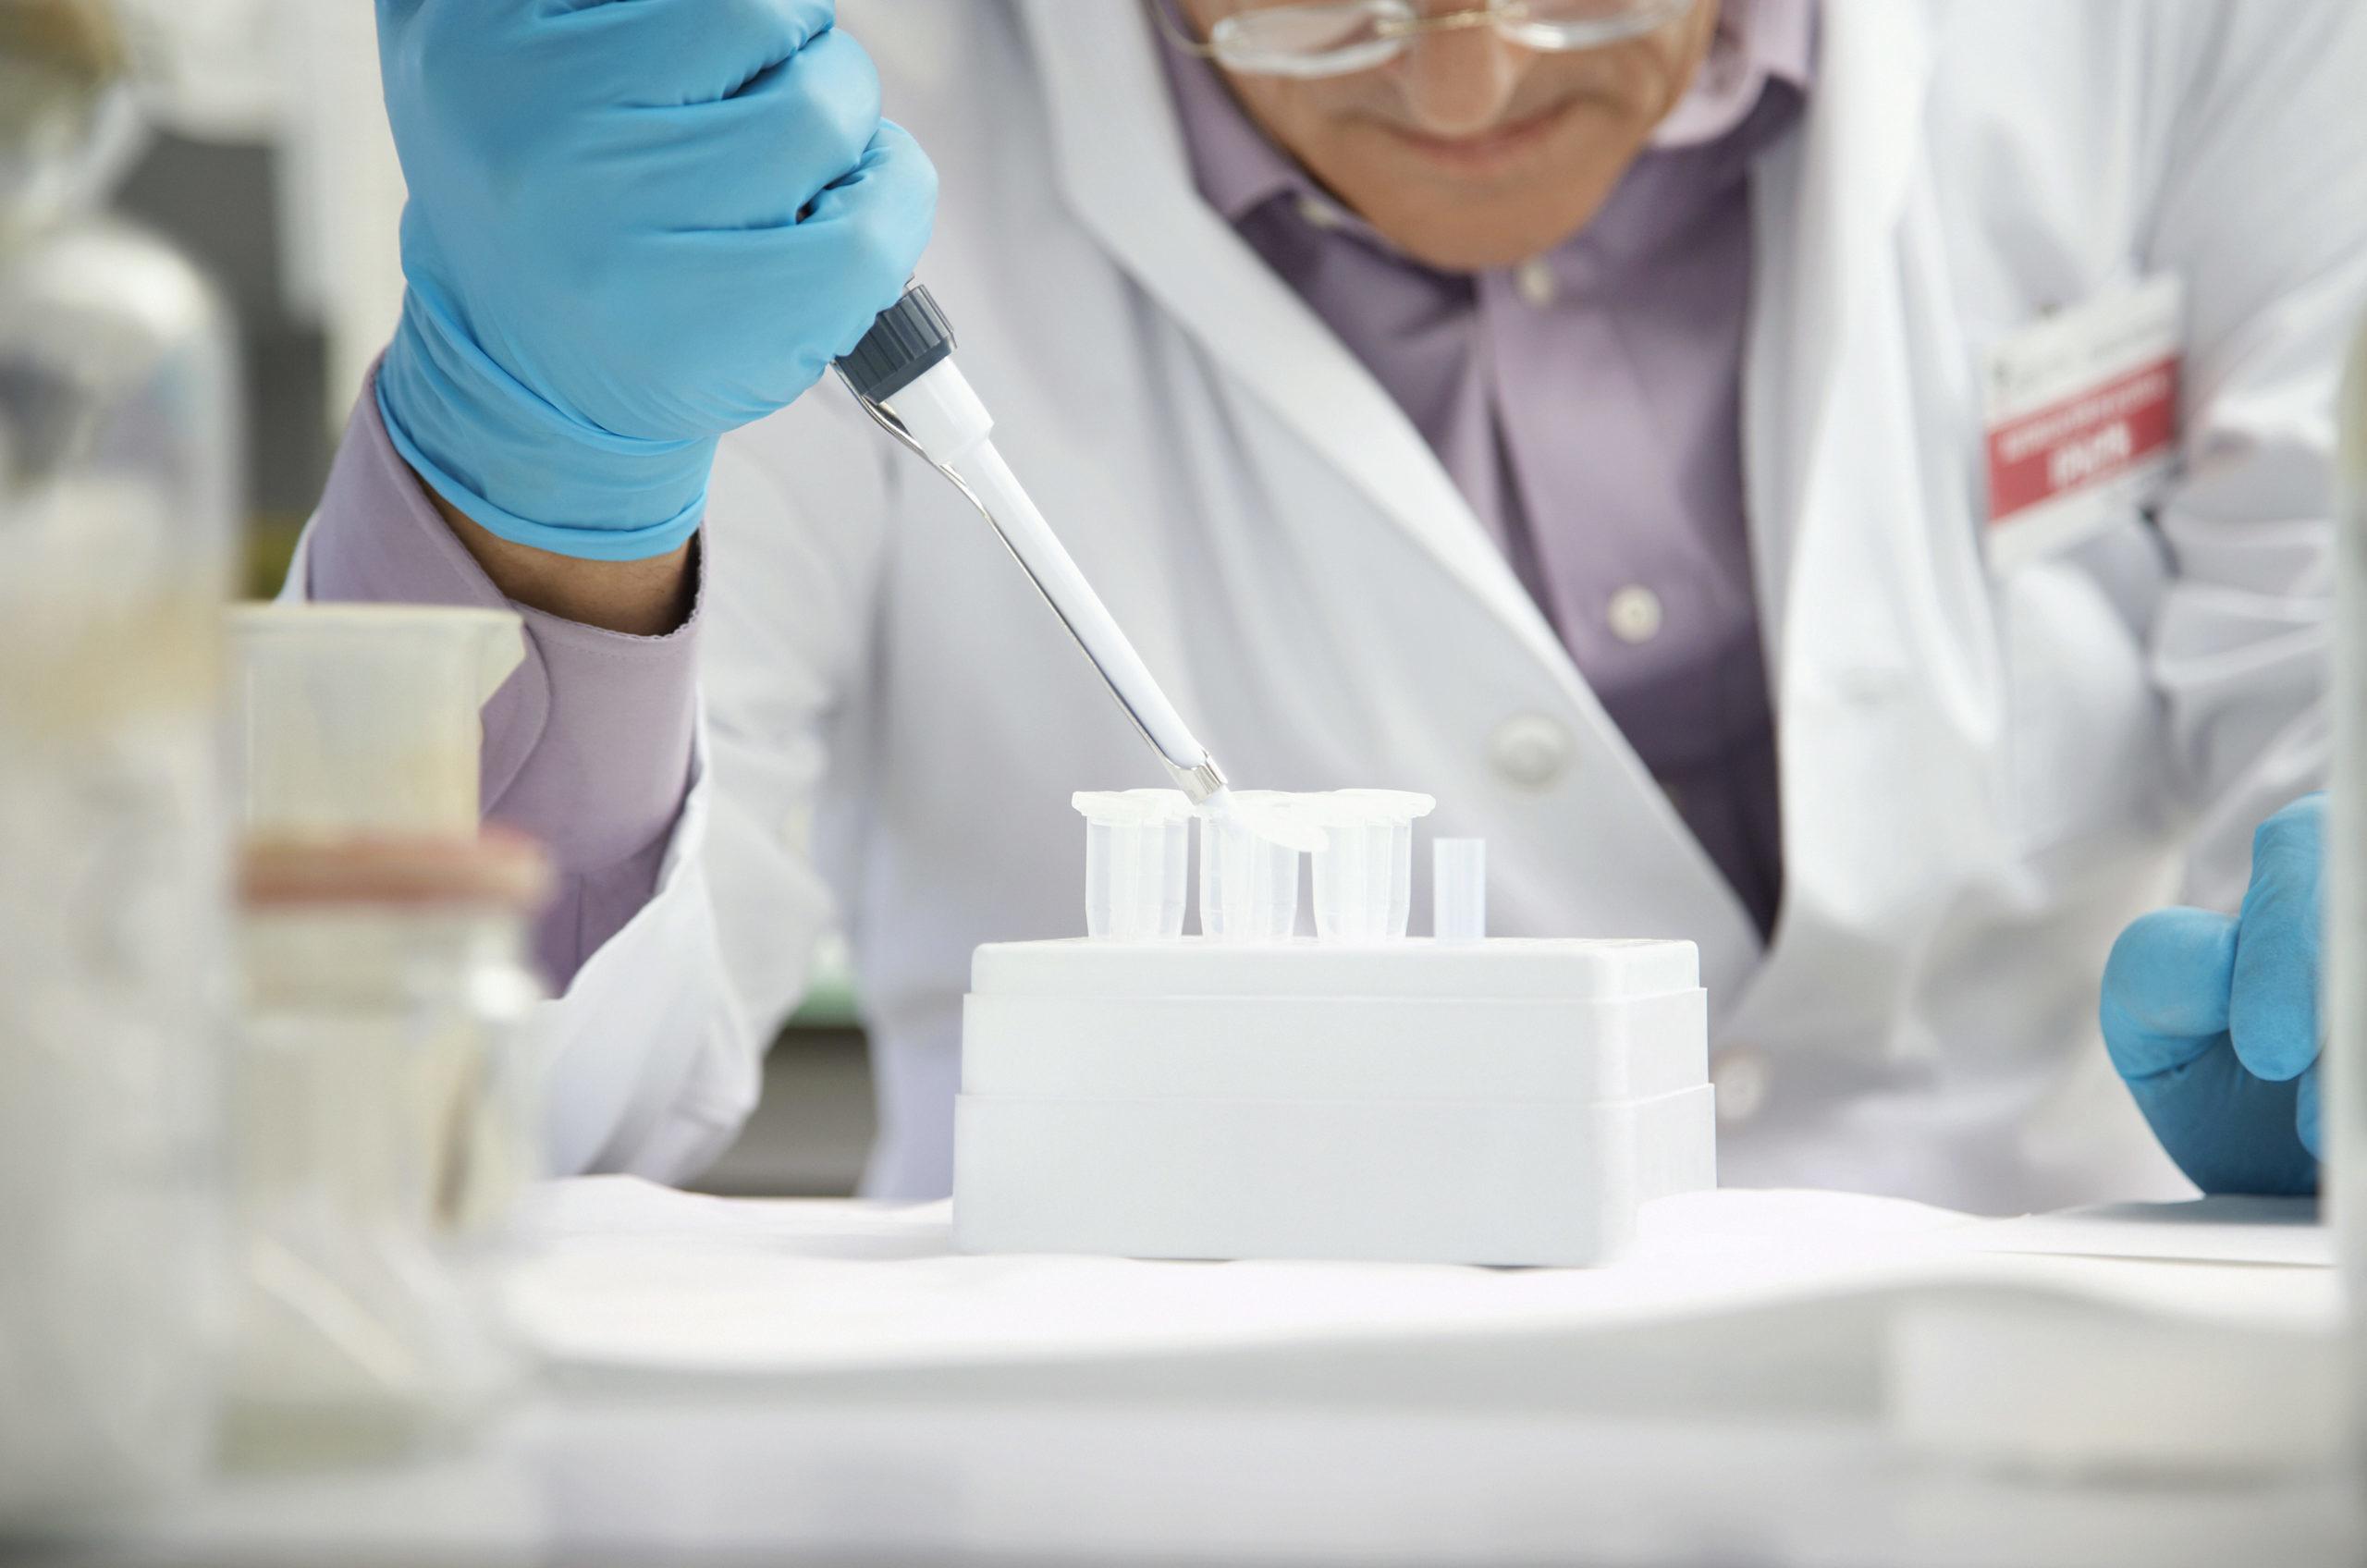 Lab Technician Using Pipette